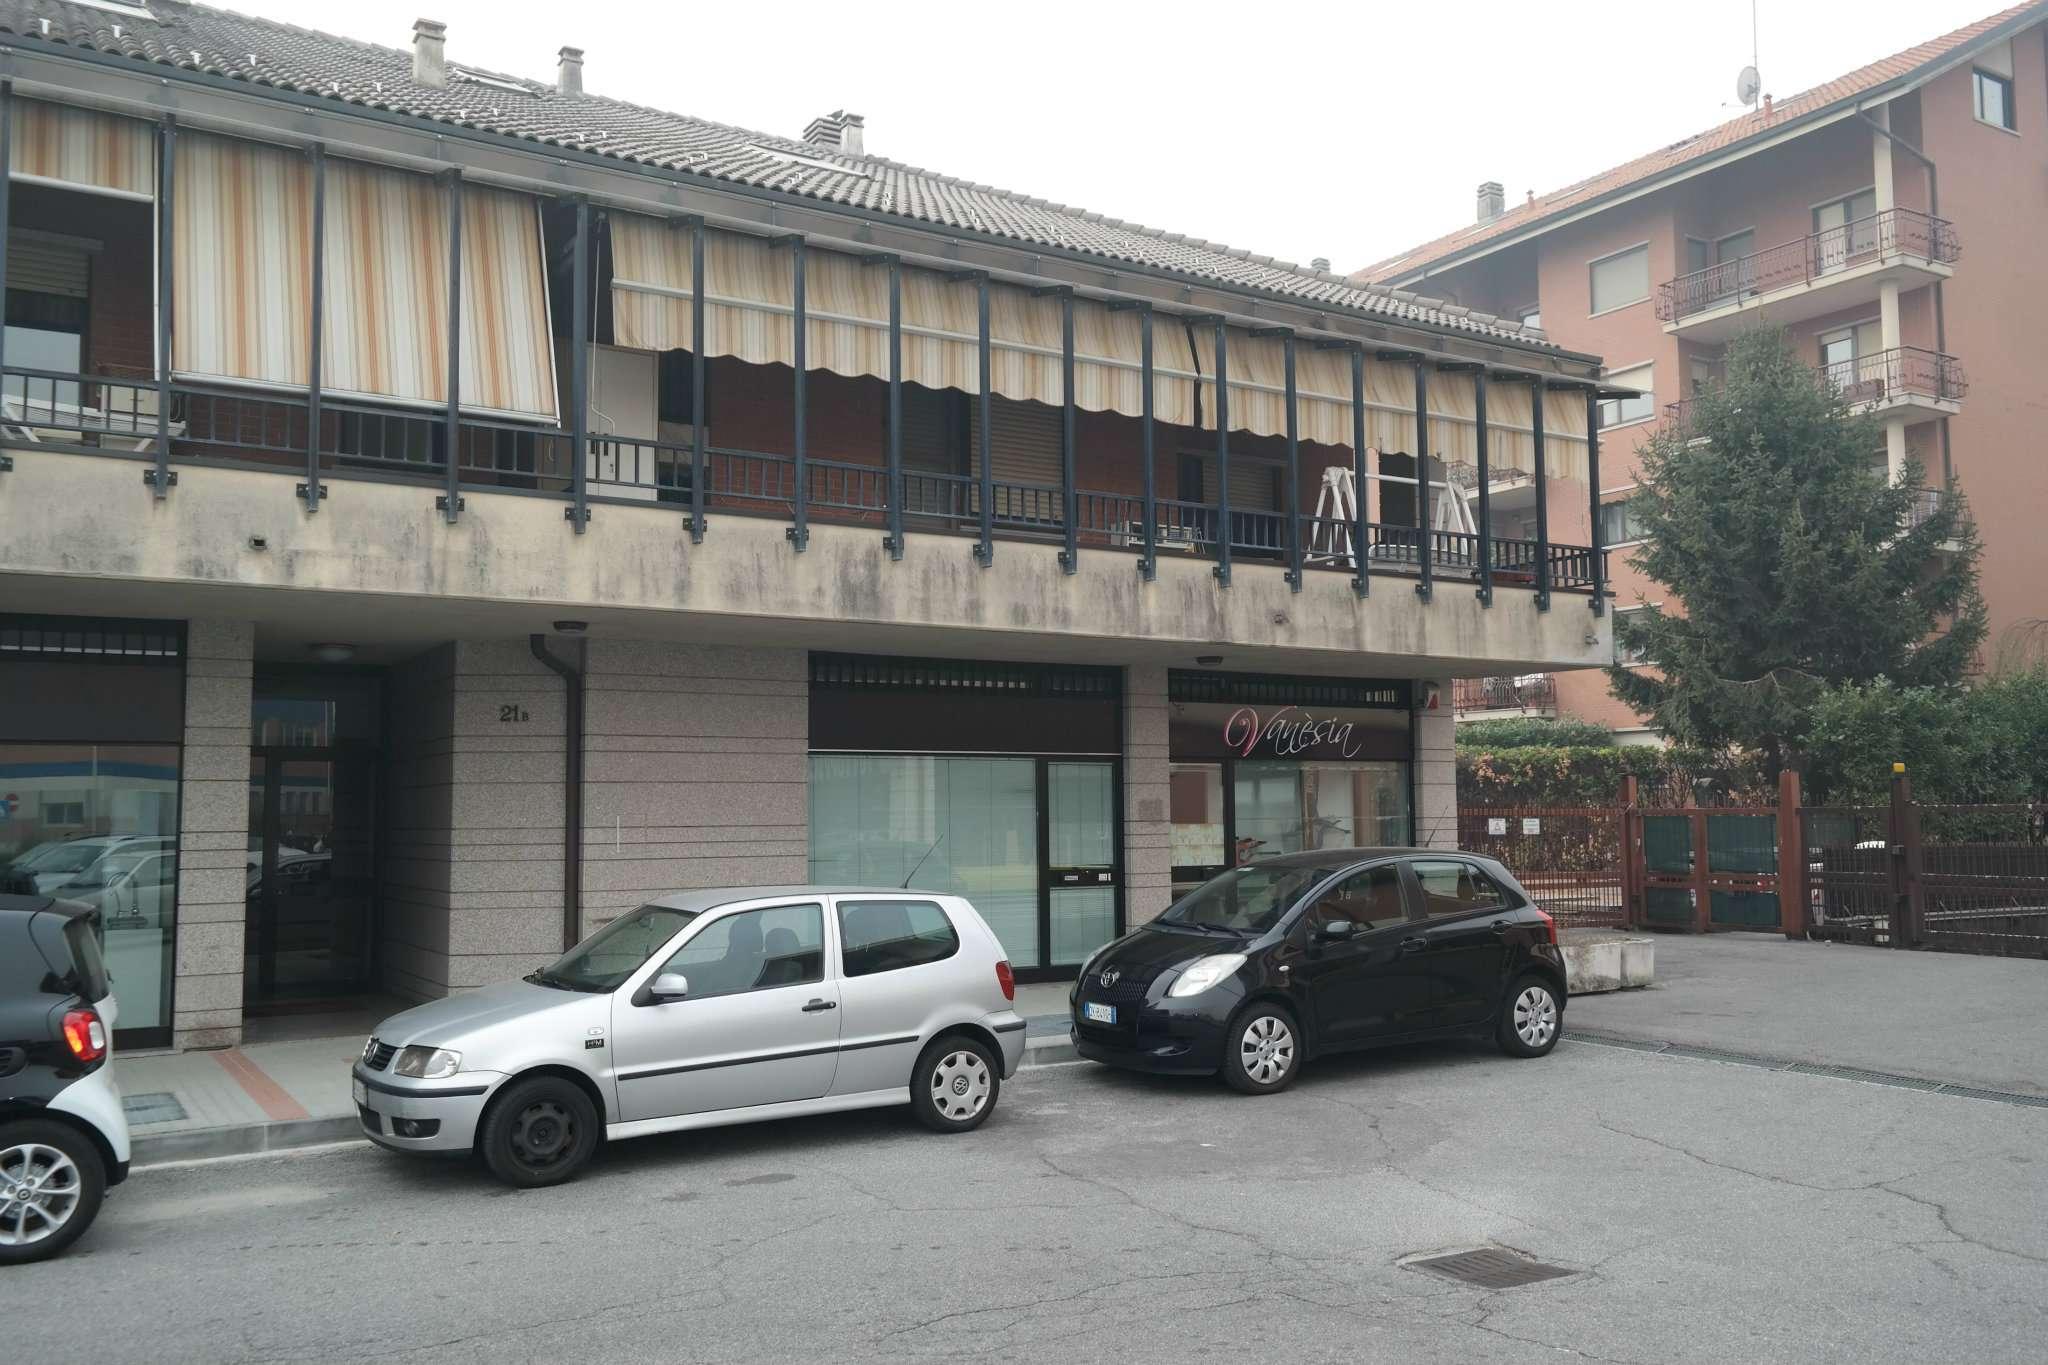 Negozio / Locale in vendita a Alpignano, 2 locali, prezzo € 99.000 | CambioCasa.it